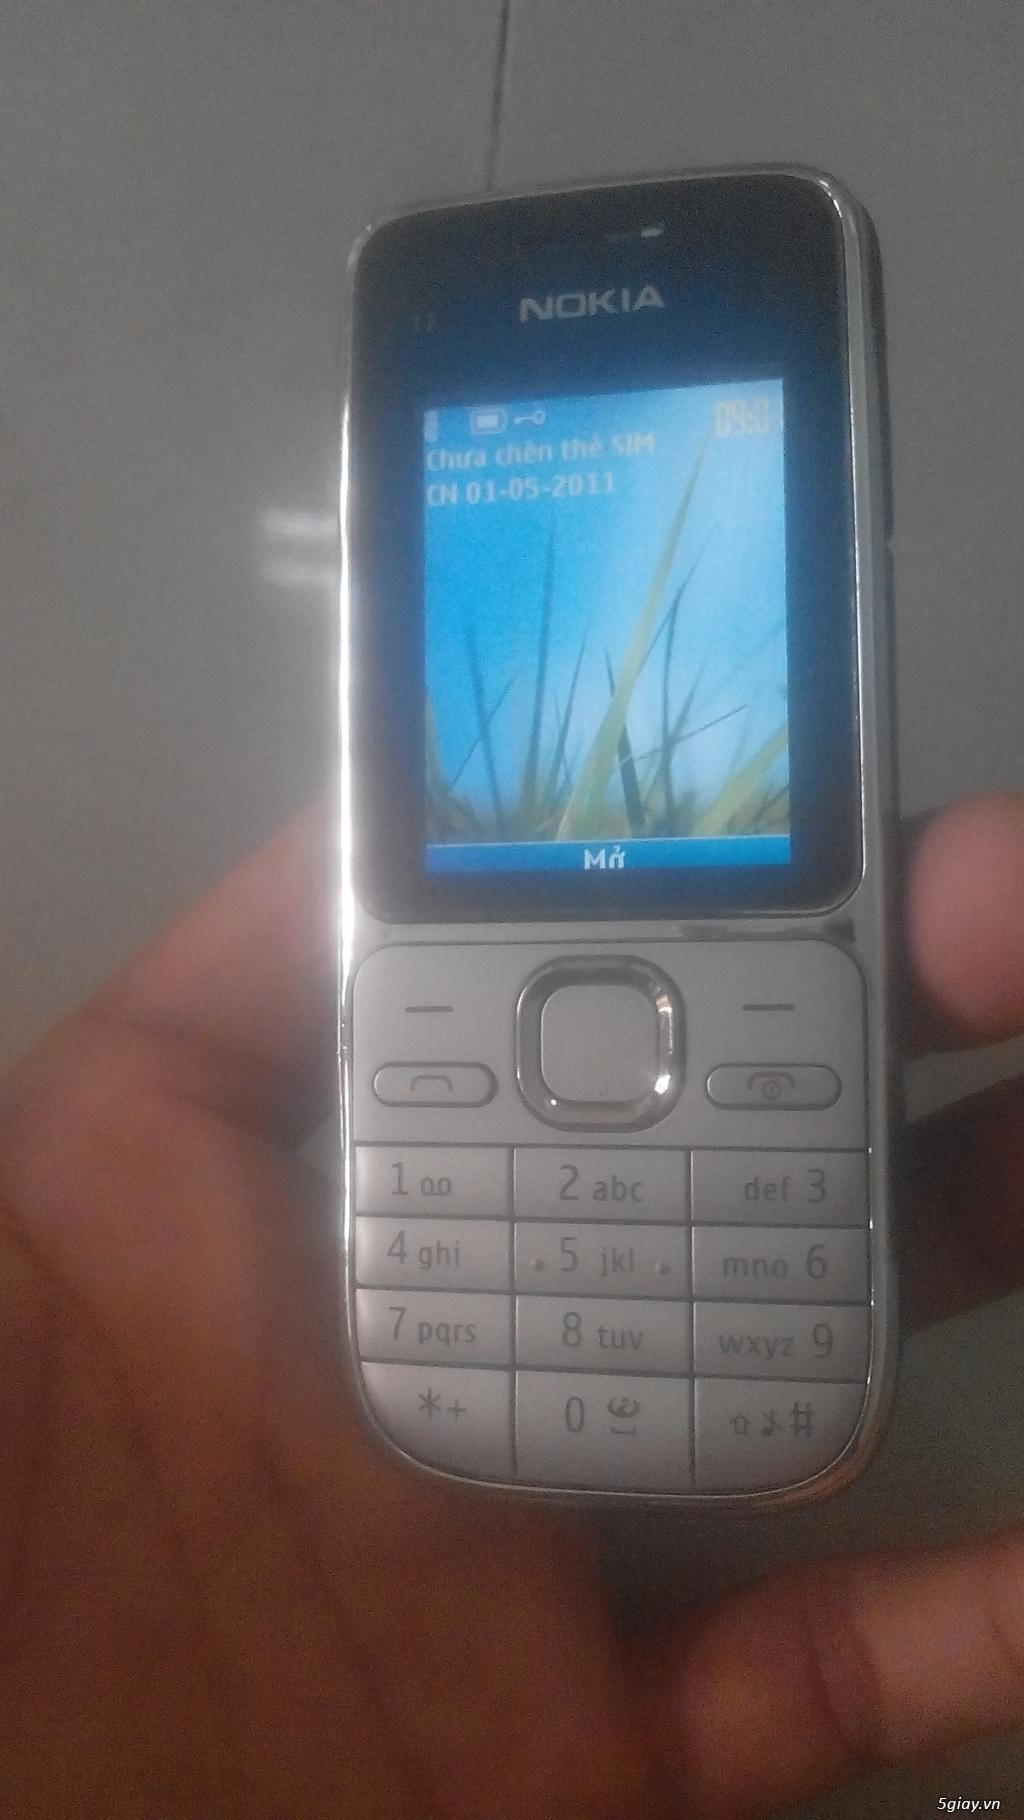 Nokia Chữa Cháy Bao Zin Đẹp Rẻ Bền Dành Cho SV-HS - 15